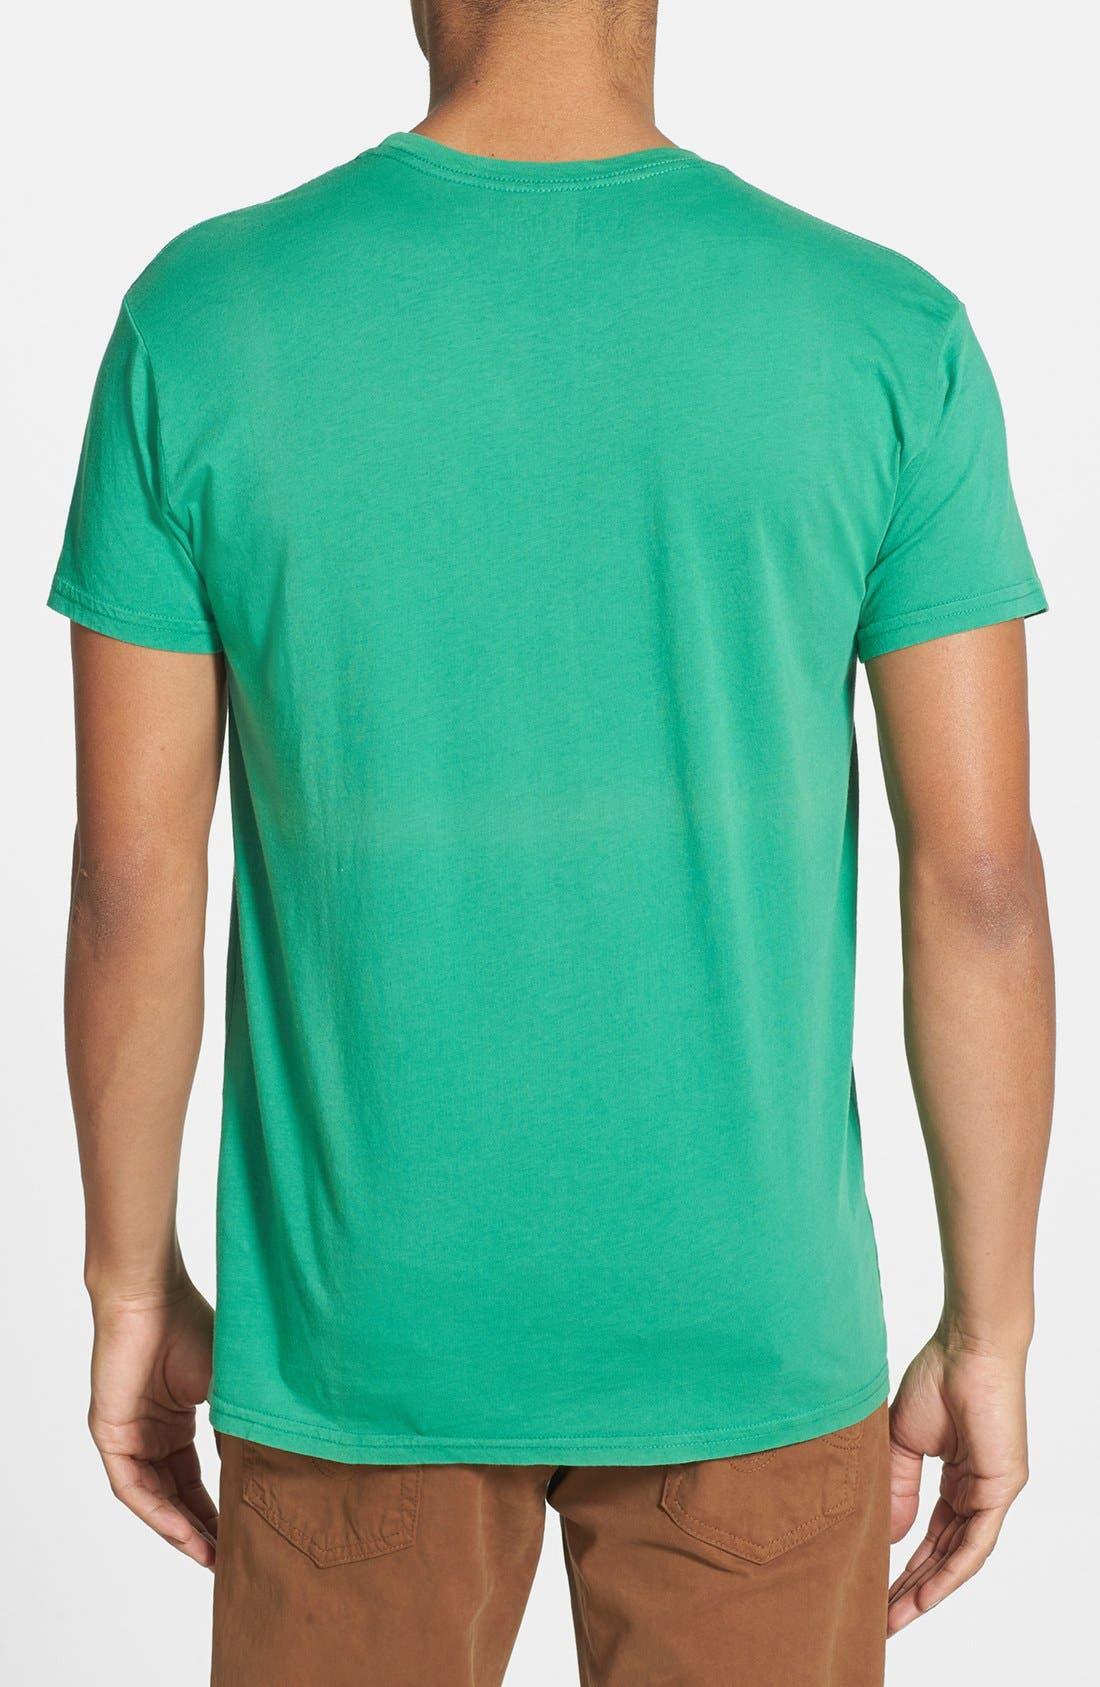 Alternate Image 2  - Retro Brand 'Michigan State' Graphic T-Shirt